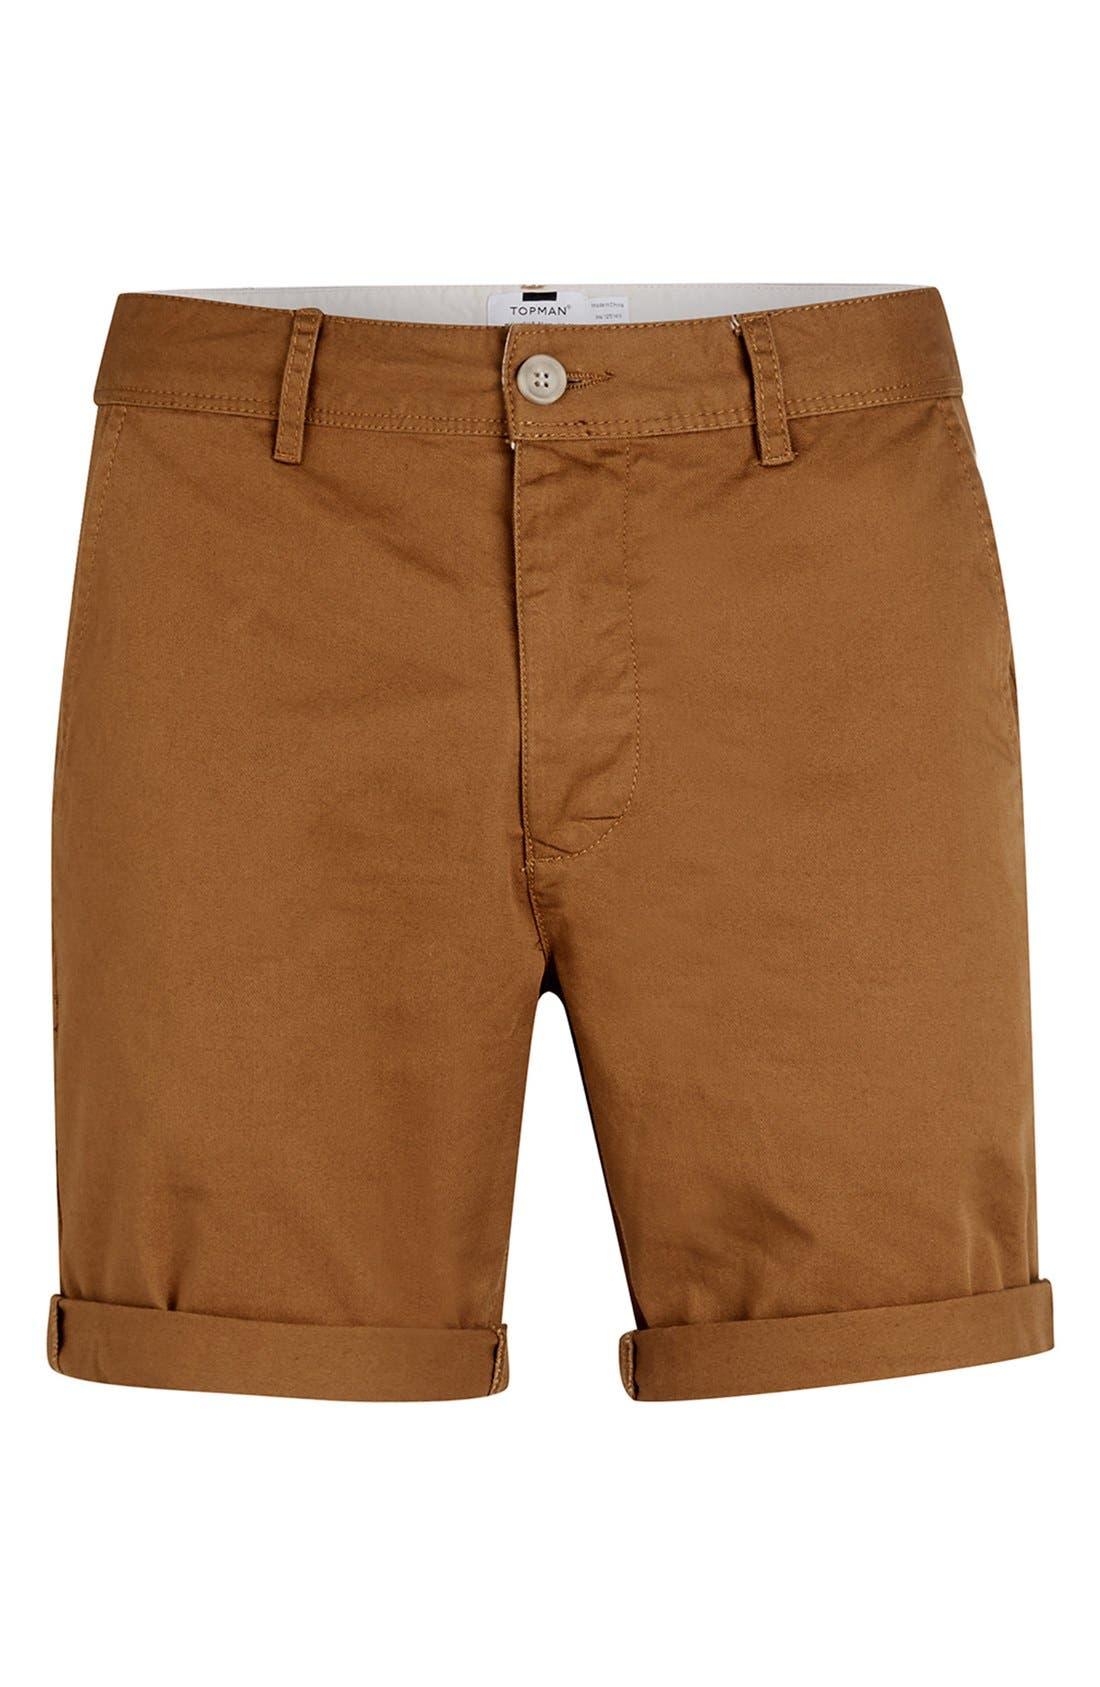 Chino Shorts,                             Alternate thumbnail 4, color,                             700